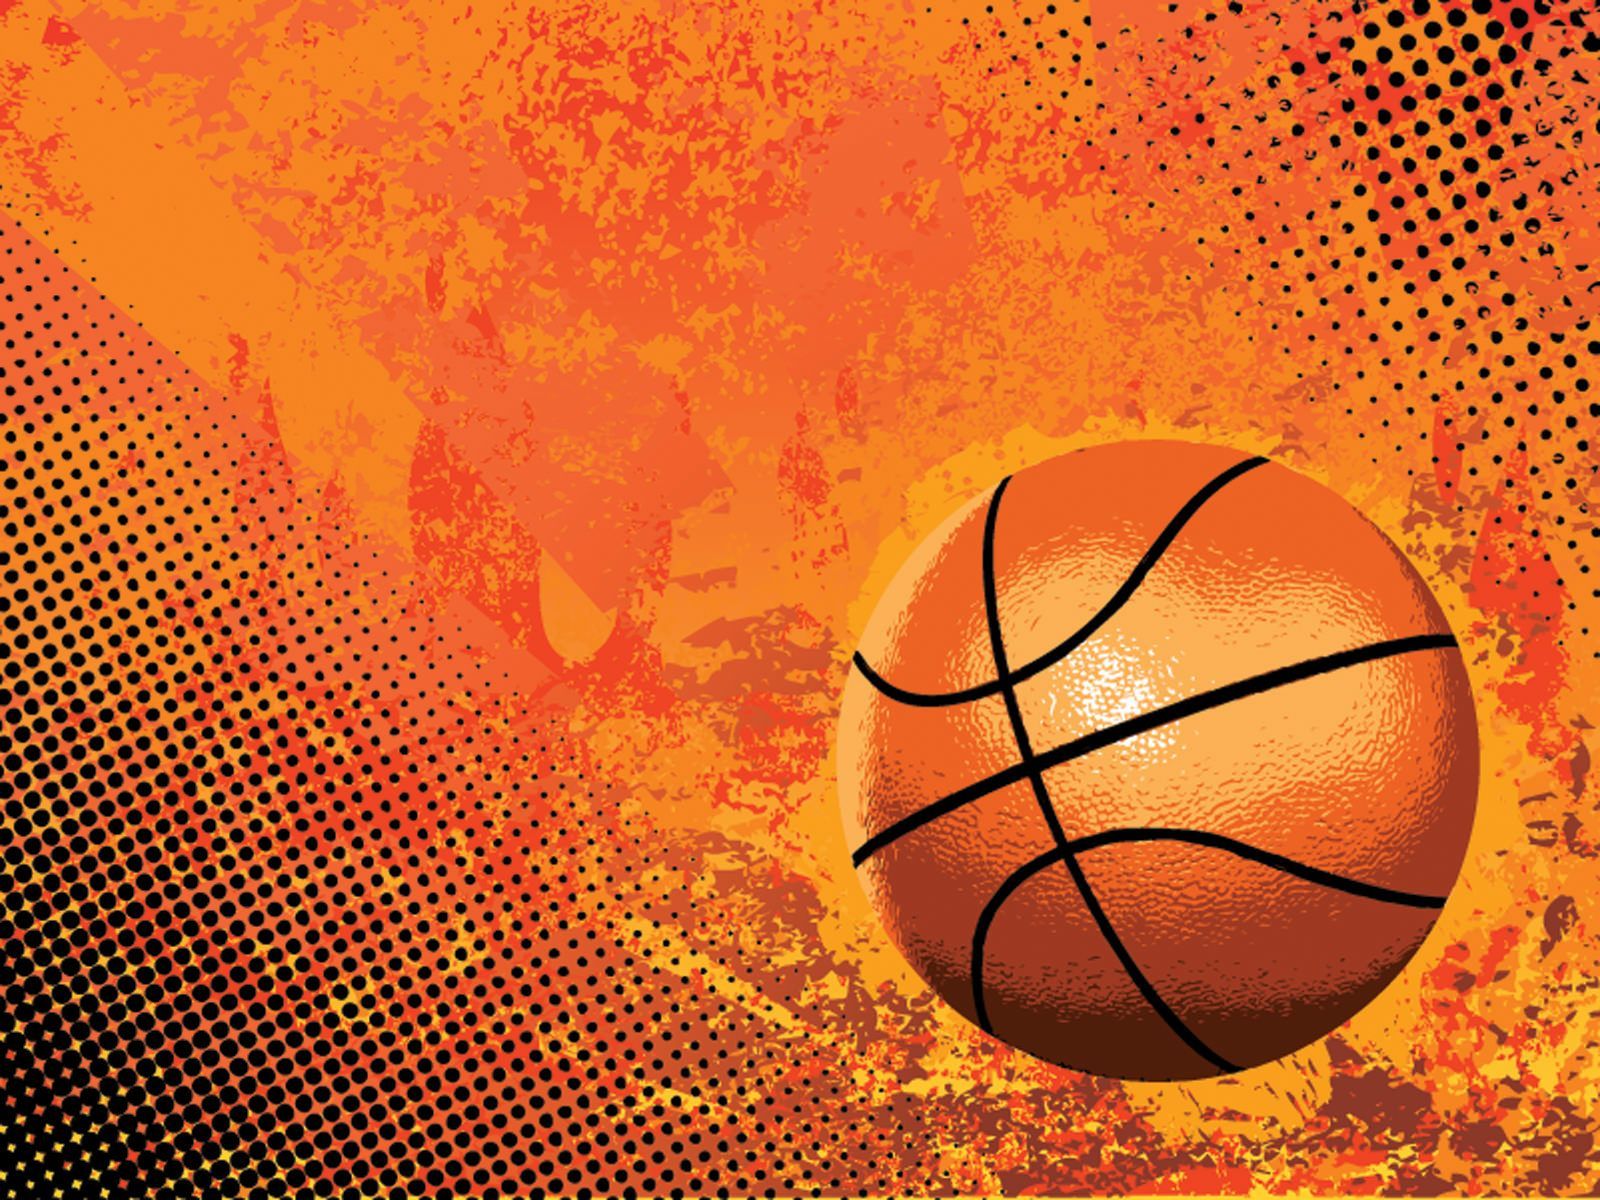 Adidas NBA Basketball Wallpapers HD 1920x1200 Download 44 Adorable